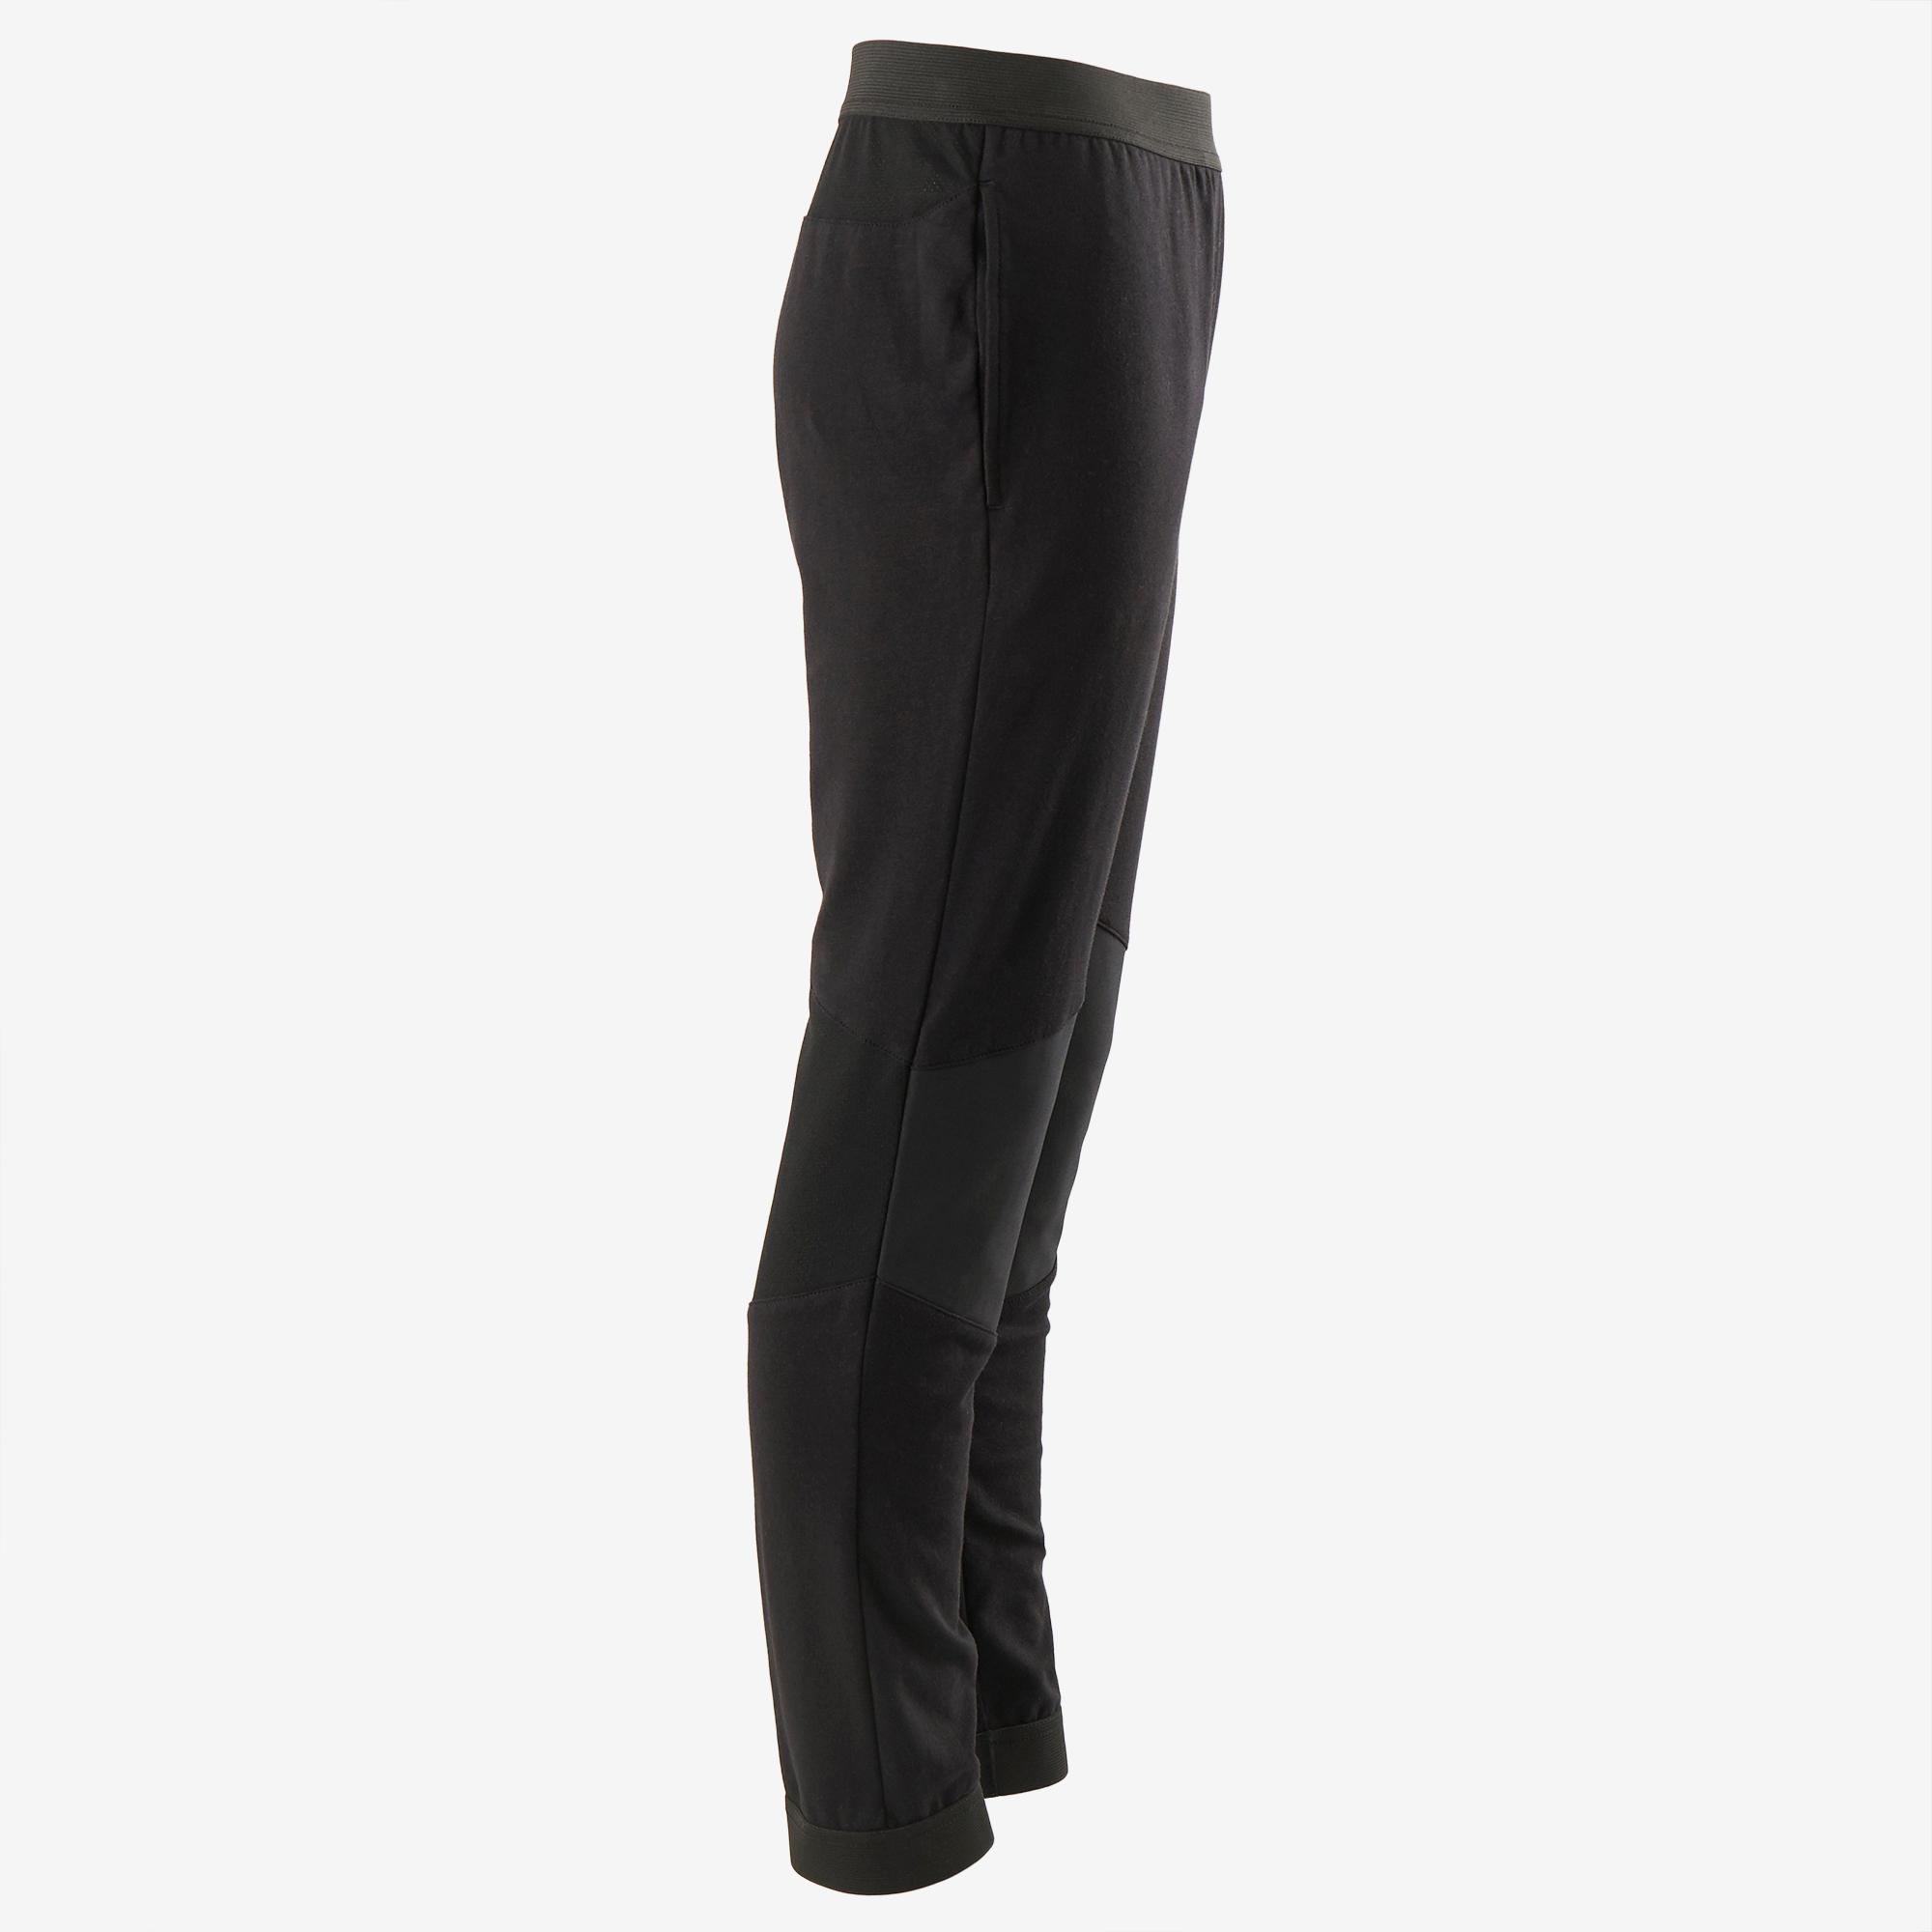 Pantalon coton respirant, résistant Slim léger 500 garçon GYM ENFANT noir